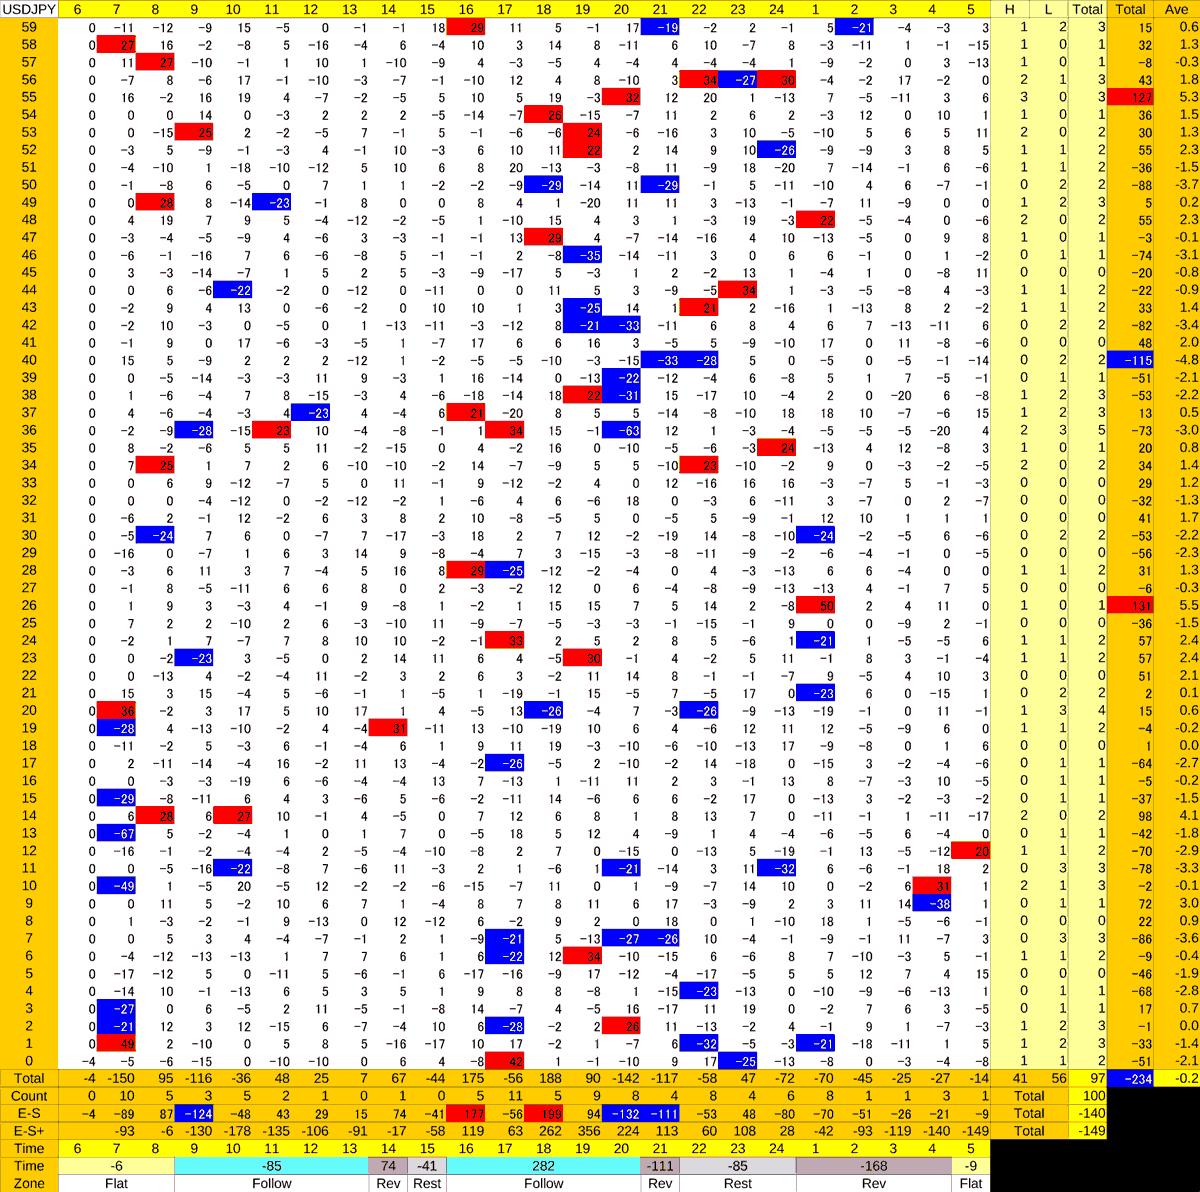 20201221_HS(1)USDJPY